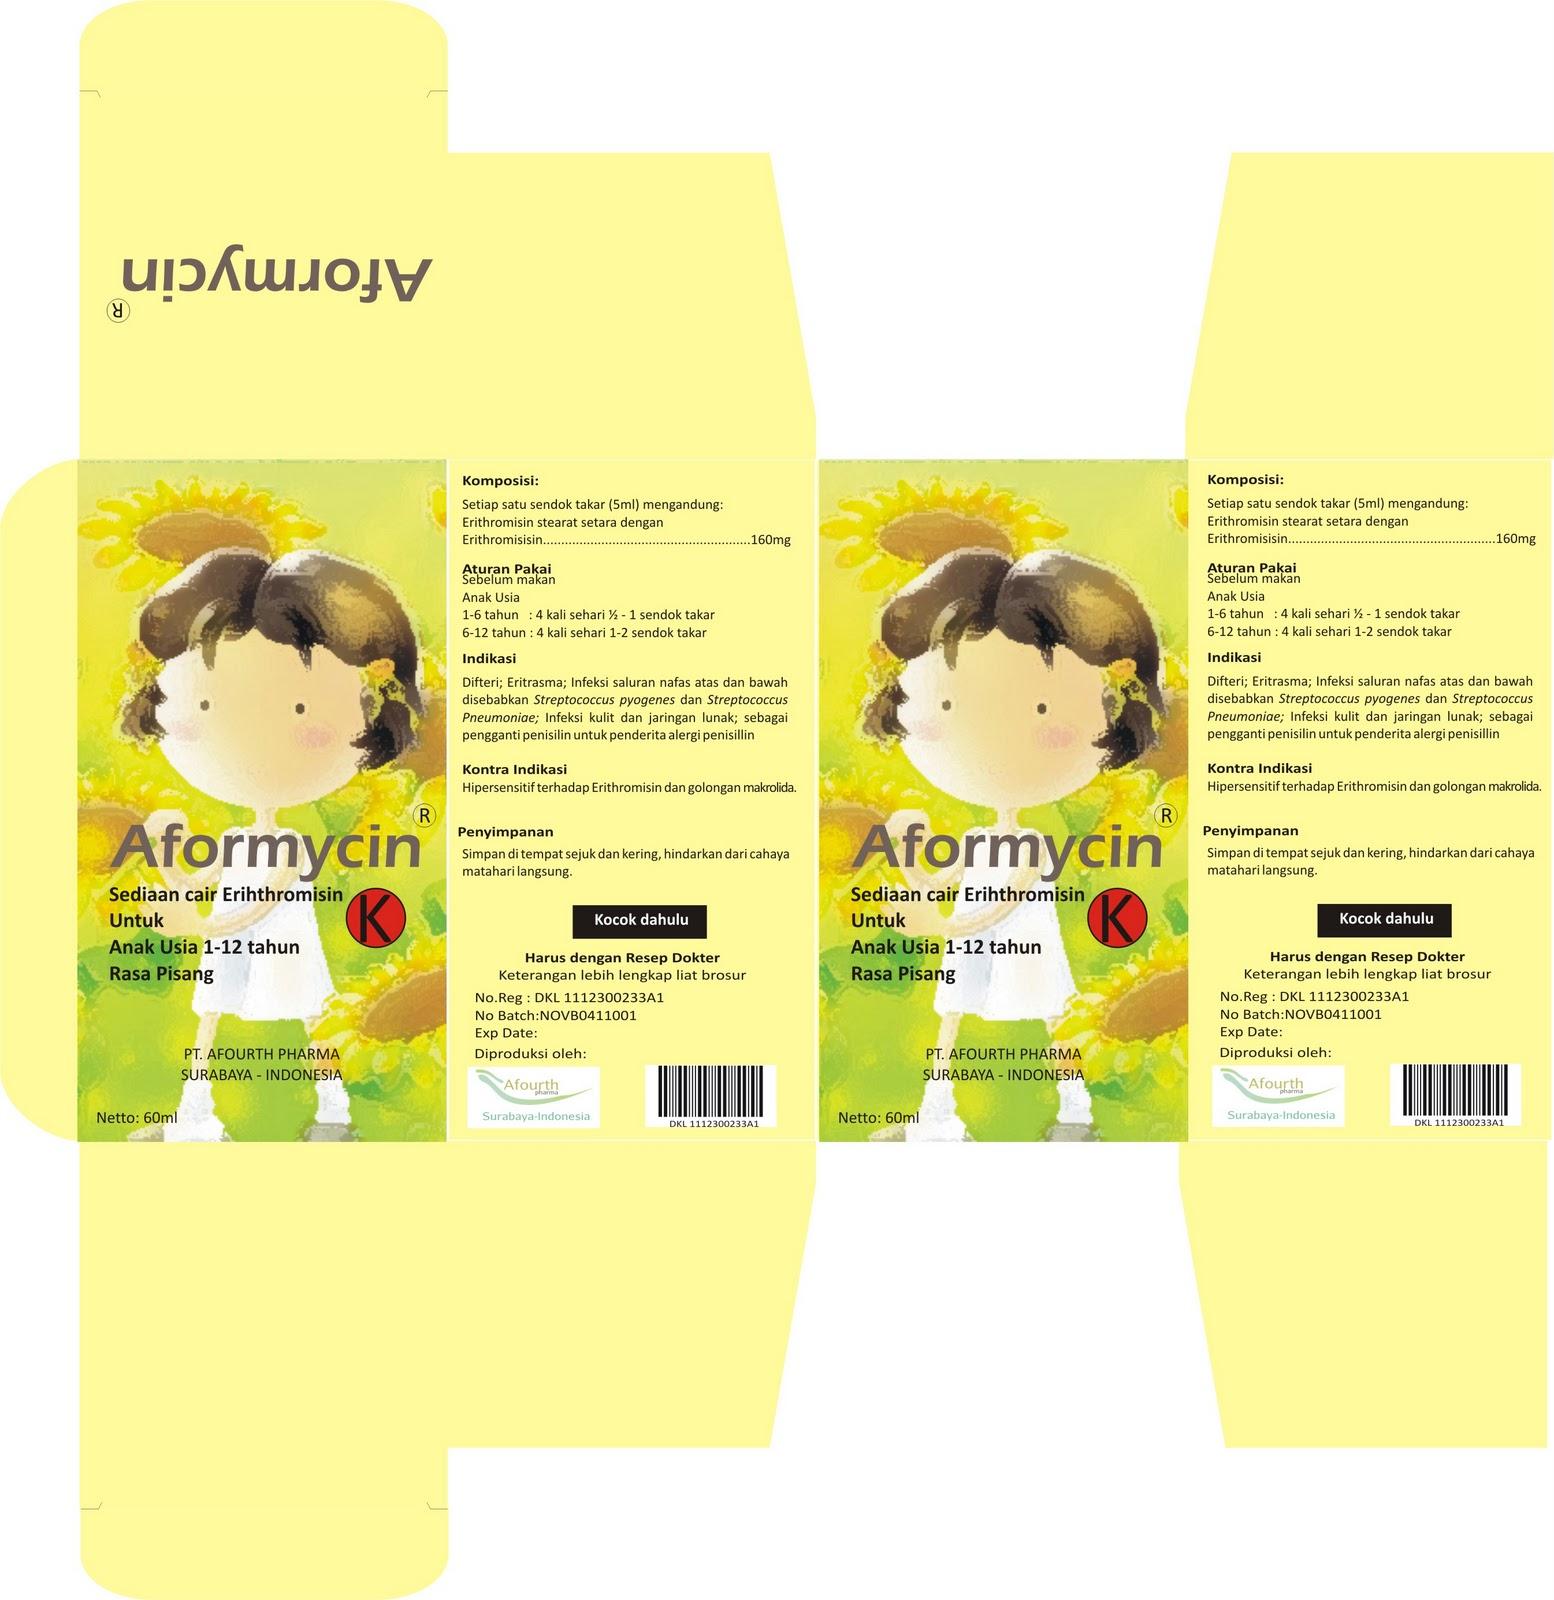 Contohkemasan: Sensasi-rasa-jeruk: Semester 5:Packaging Design